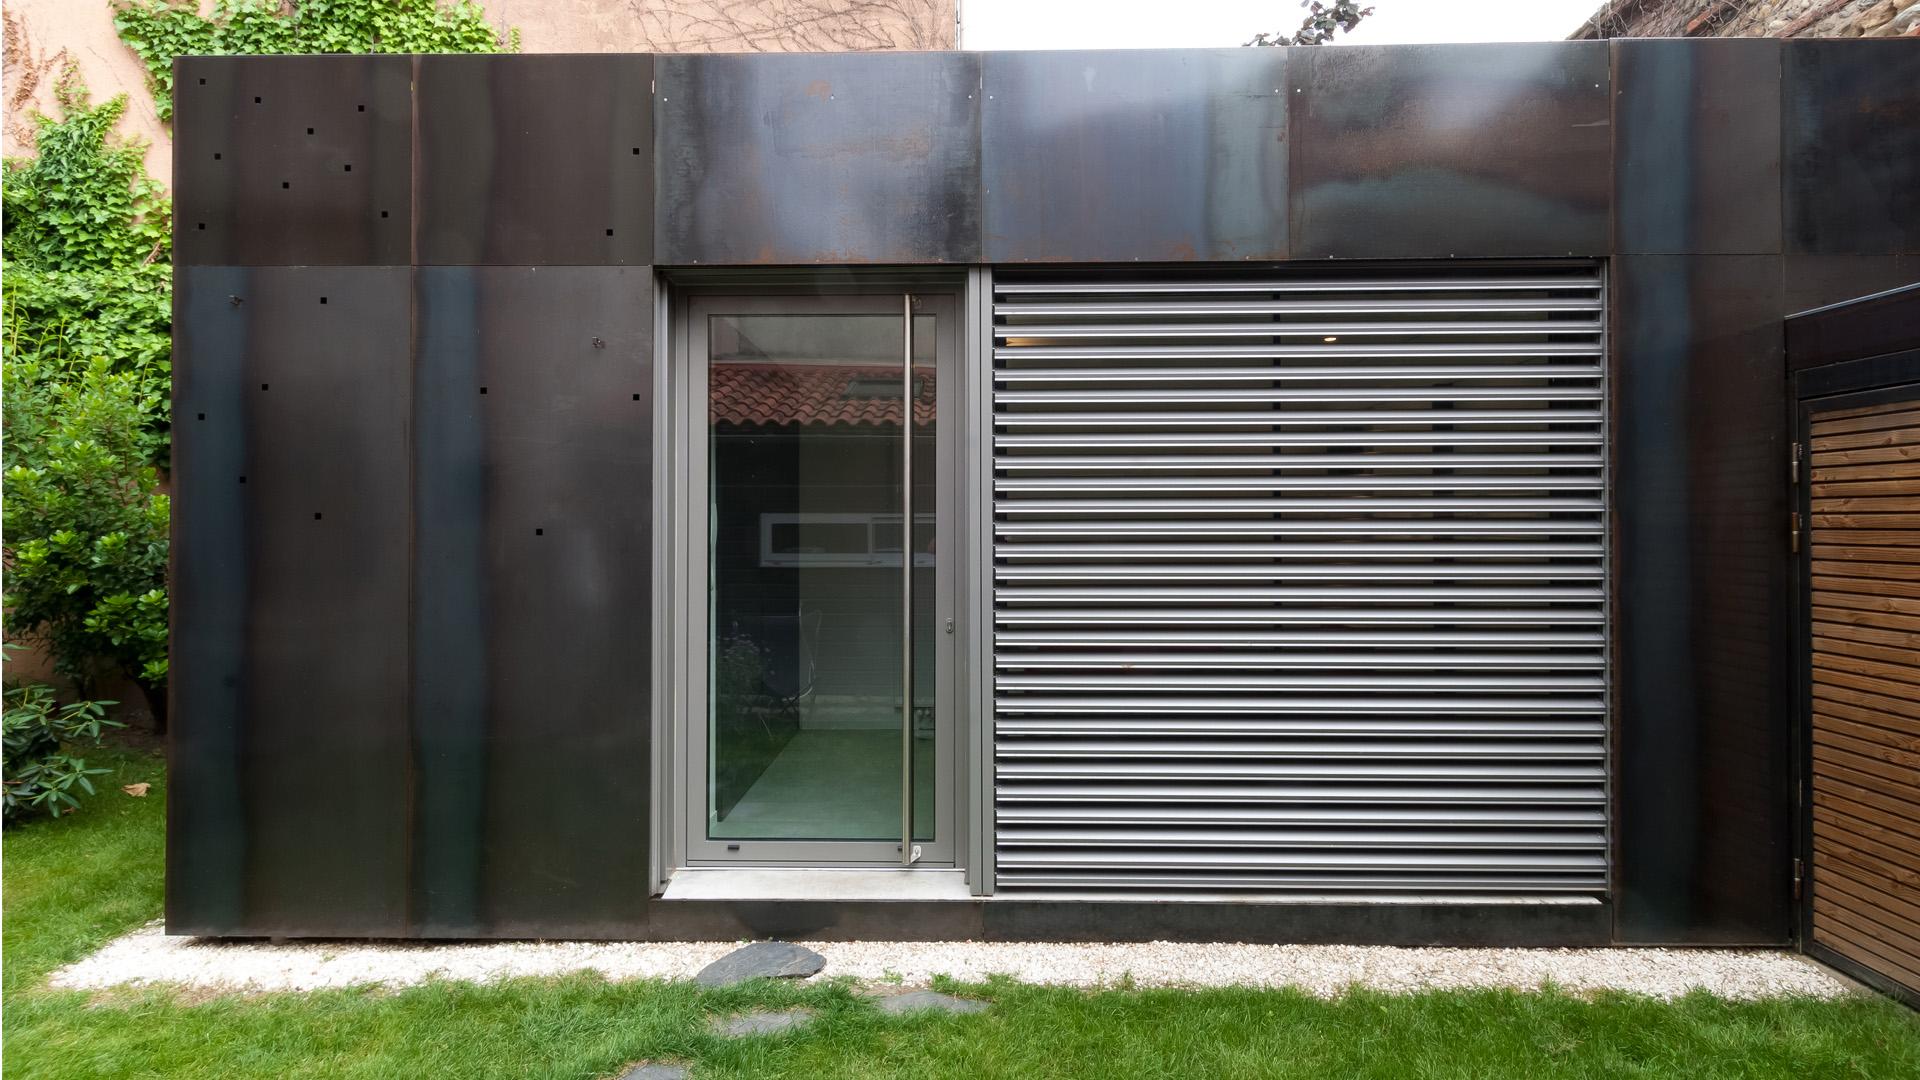 03-Seuil-Architecture-maison-Mir-crédit-Ph.-Stéphane-Brugidou